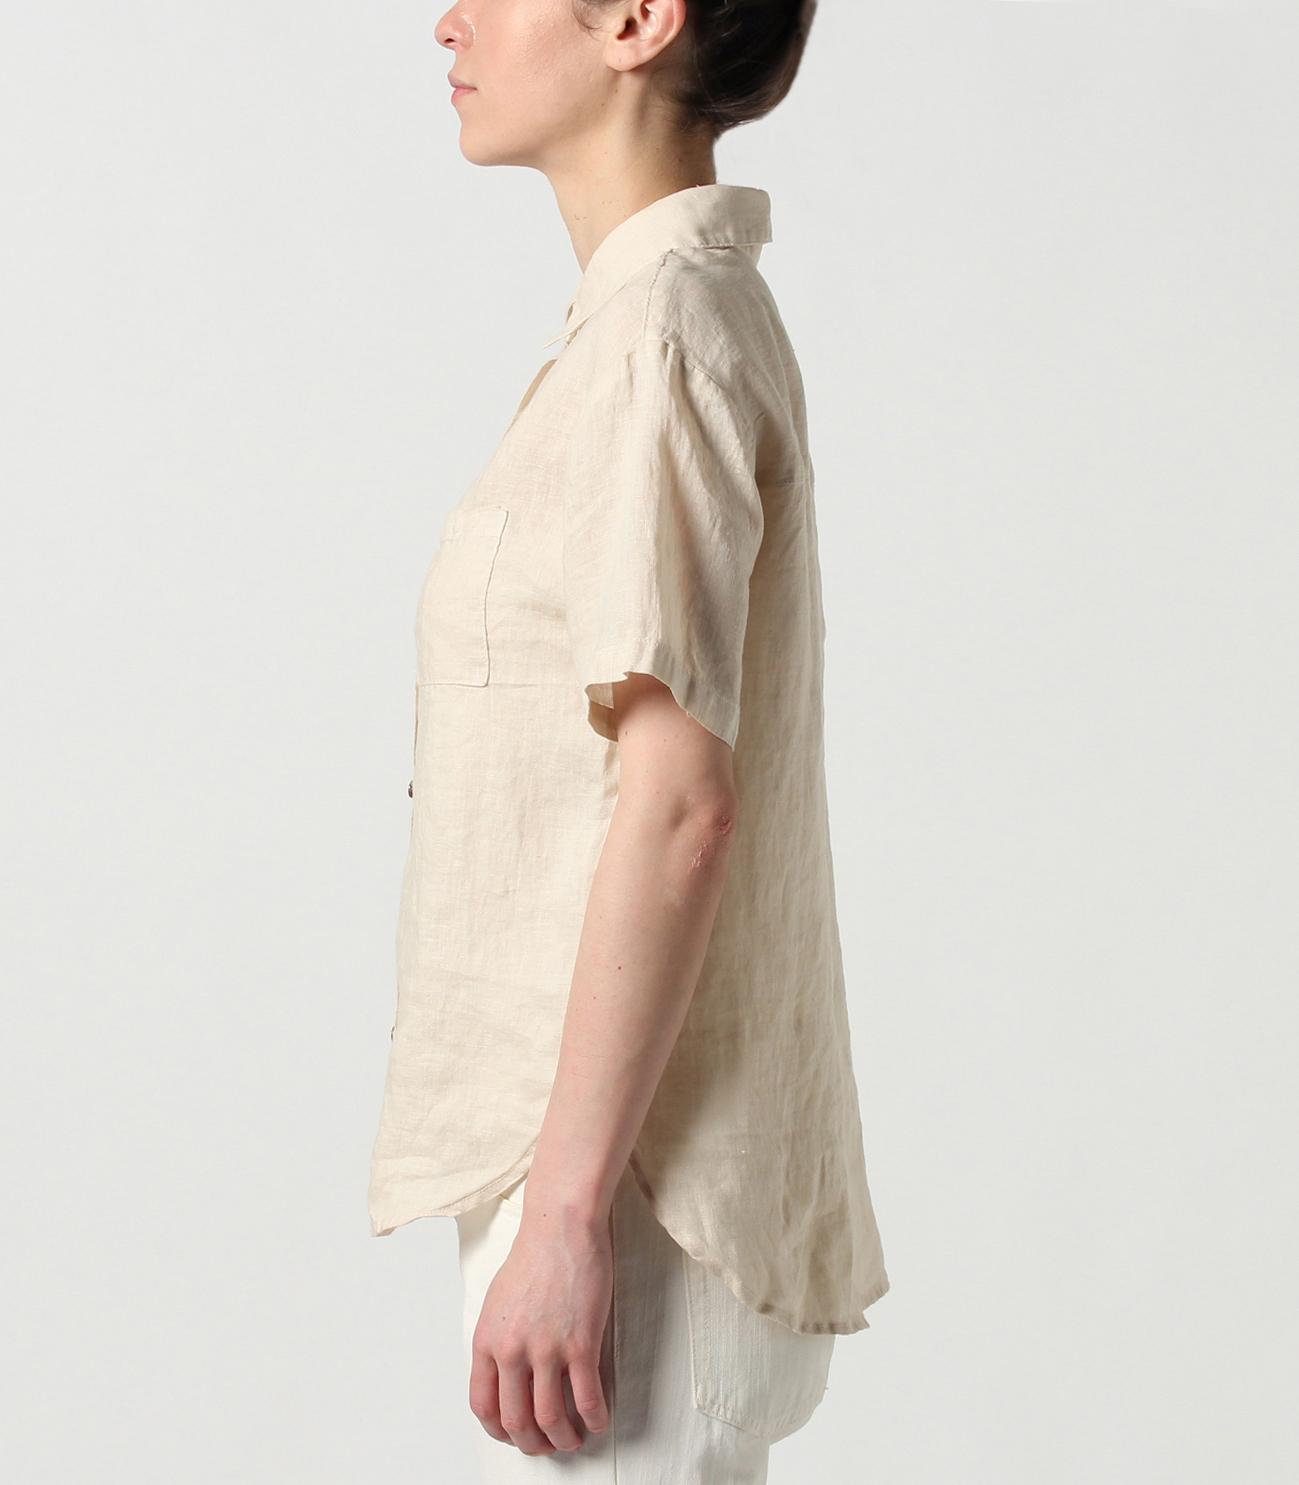 47a3f656d87e1c ... lt wt linen button up boxy shirt 詳細画像 night iris 3 ...